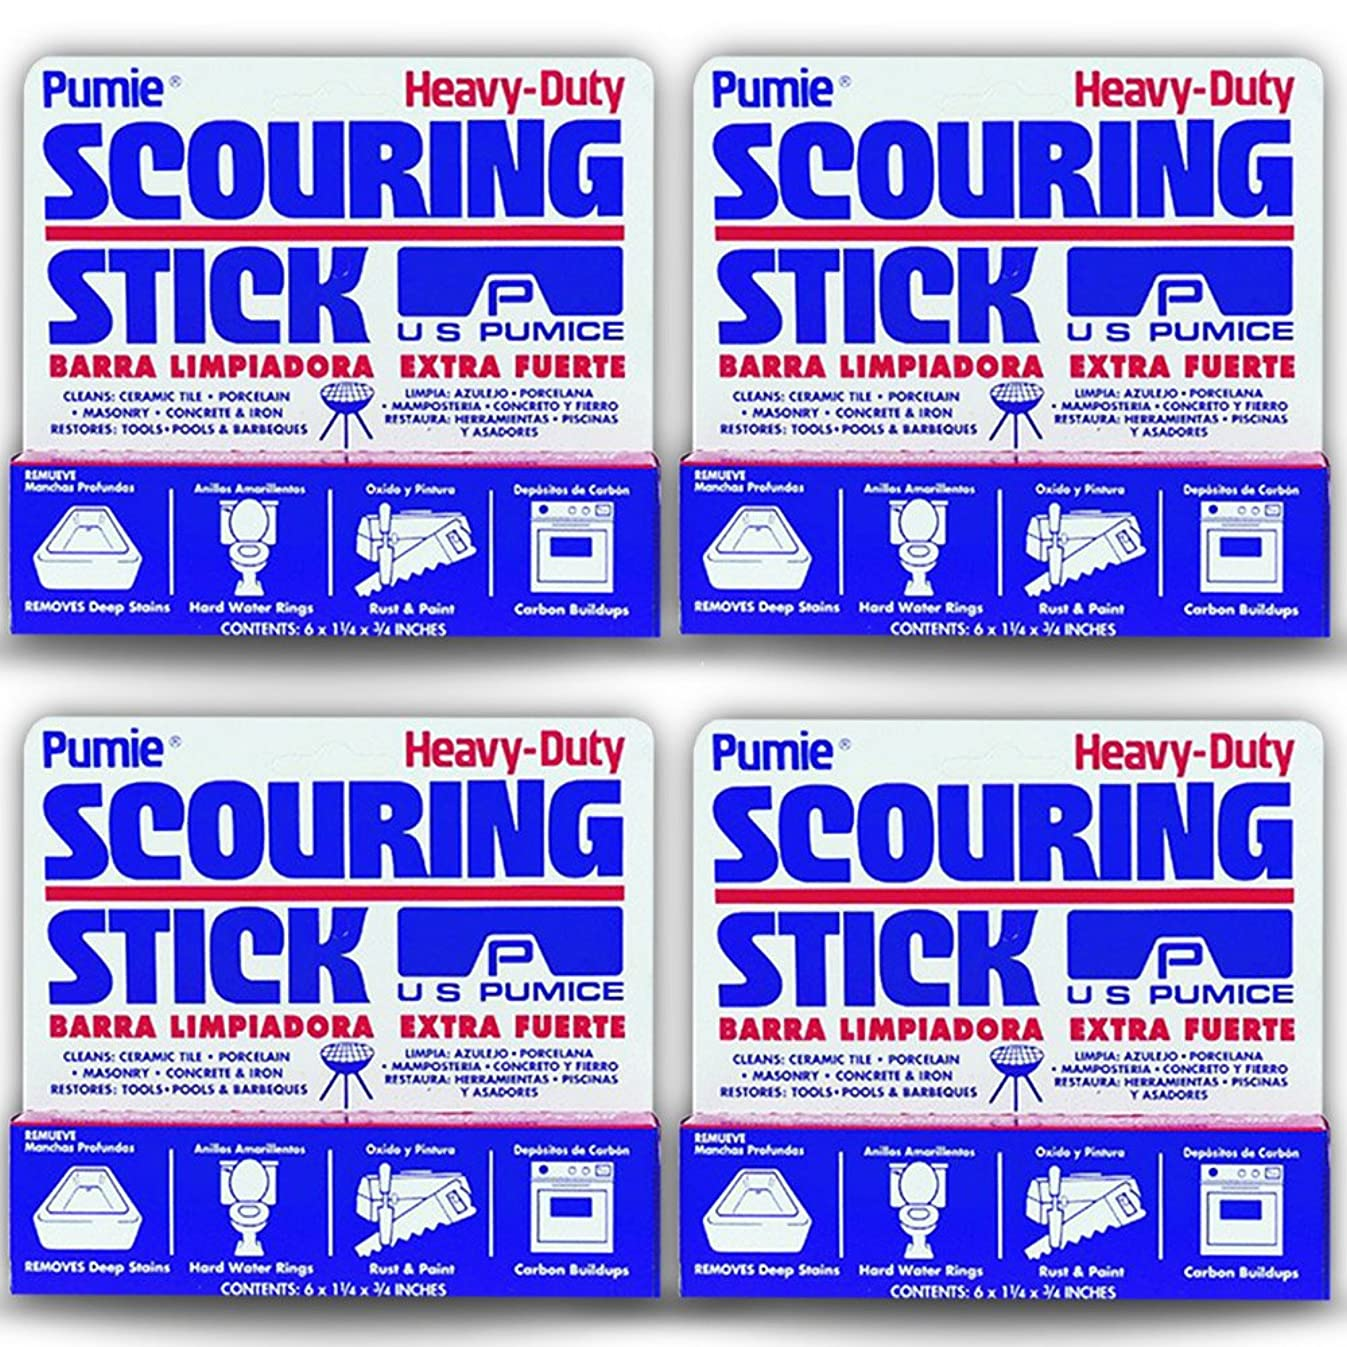 U.S. Pumice 1001 Scouring Stick (4 Pack)